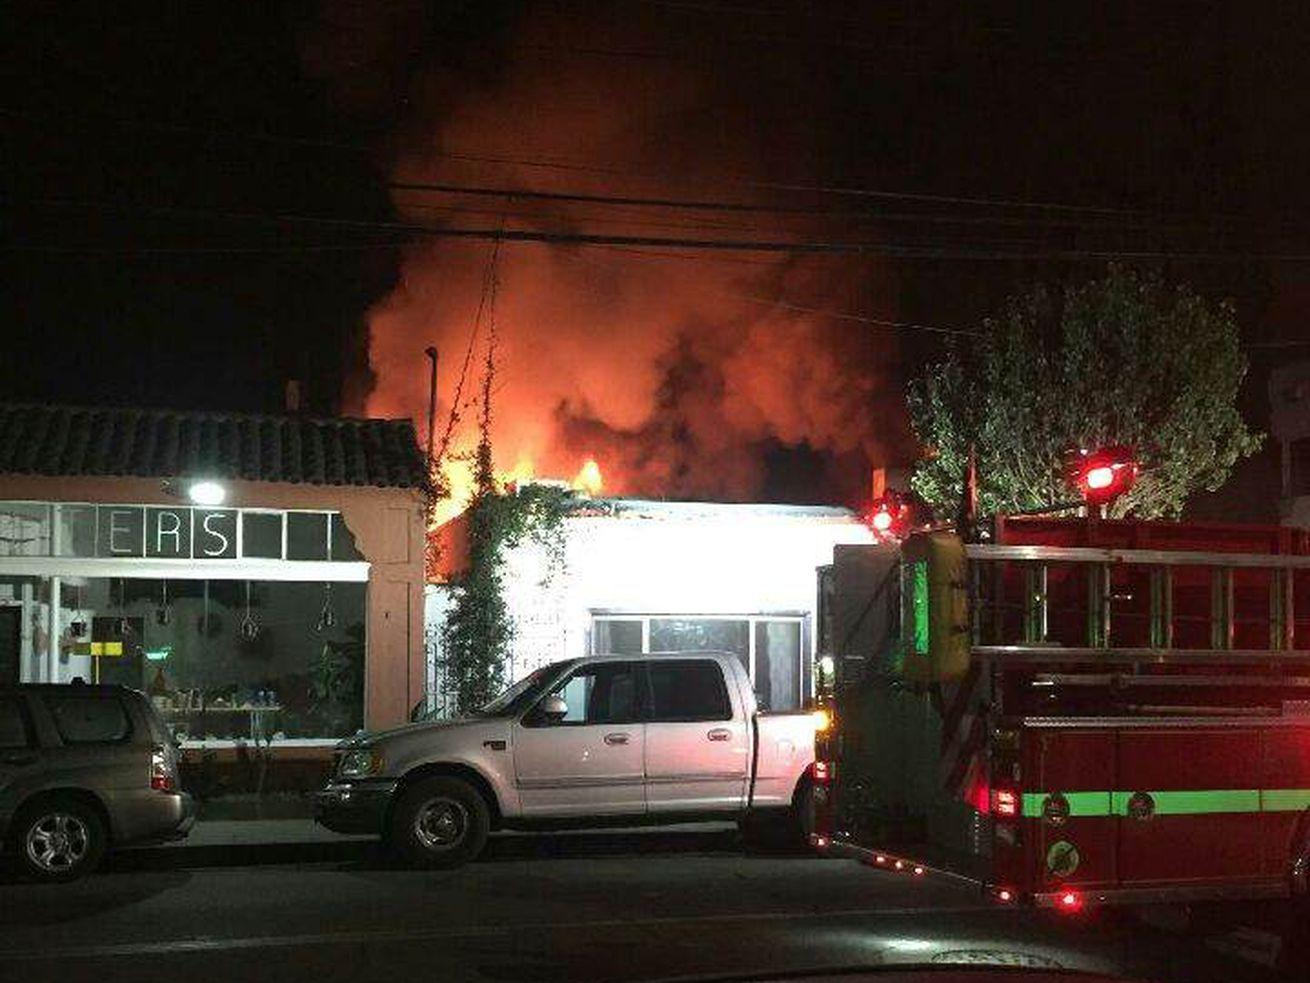 A November 8 fire at Restauration